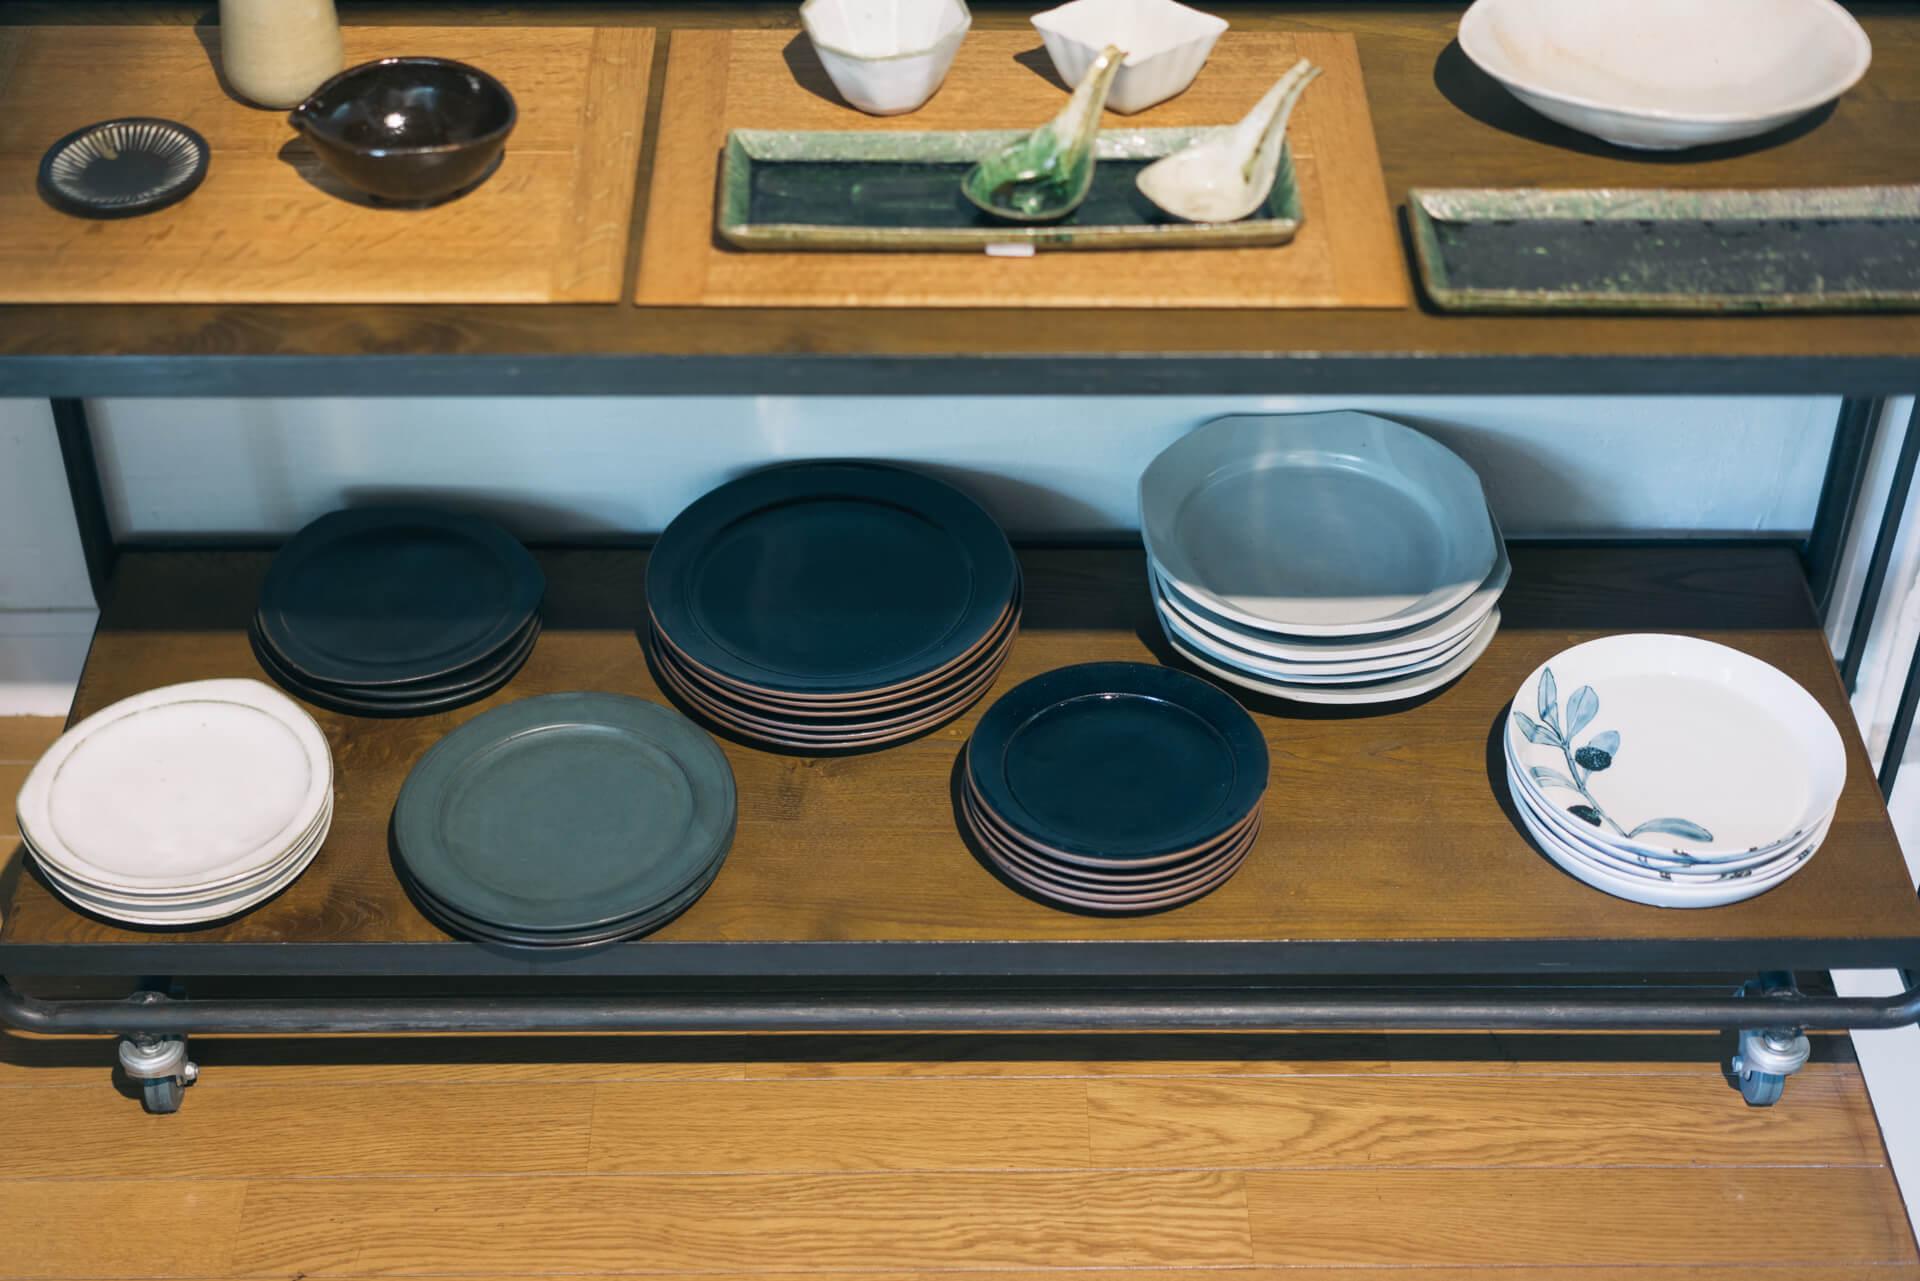 それ1枚で食卓の主役になりそうな、印象的なお皿がたくさん。